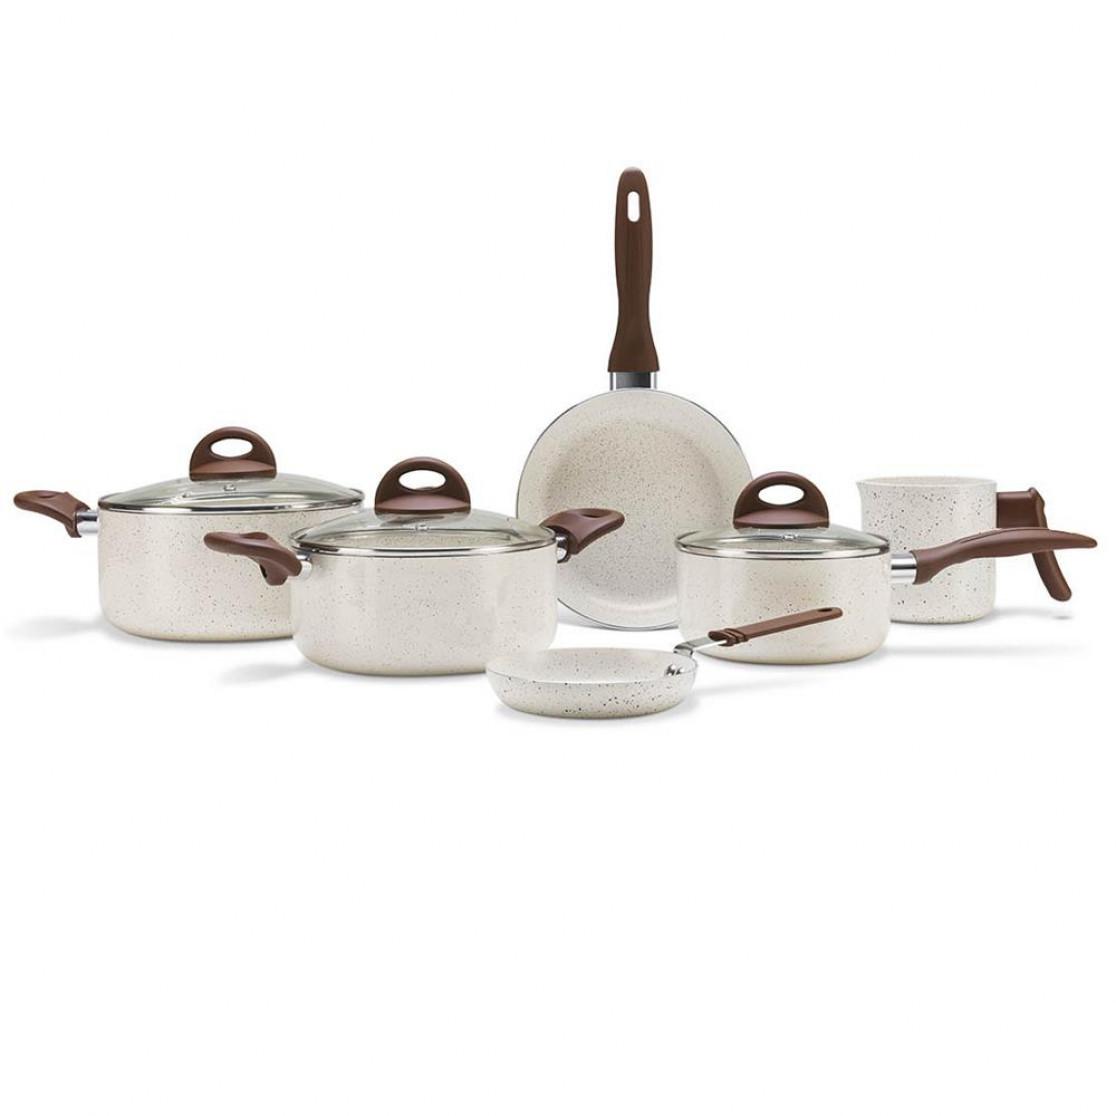 Jogo de Panelas 6 Peças Ceramica Ceramic Life Vanilla Brinox